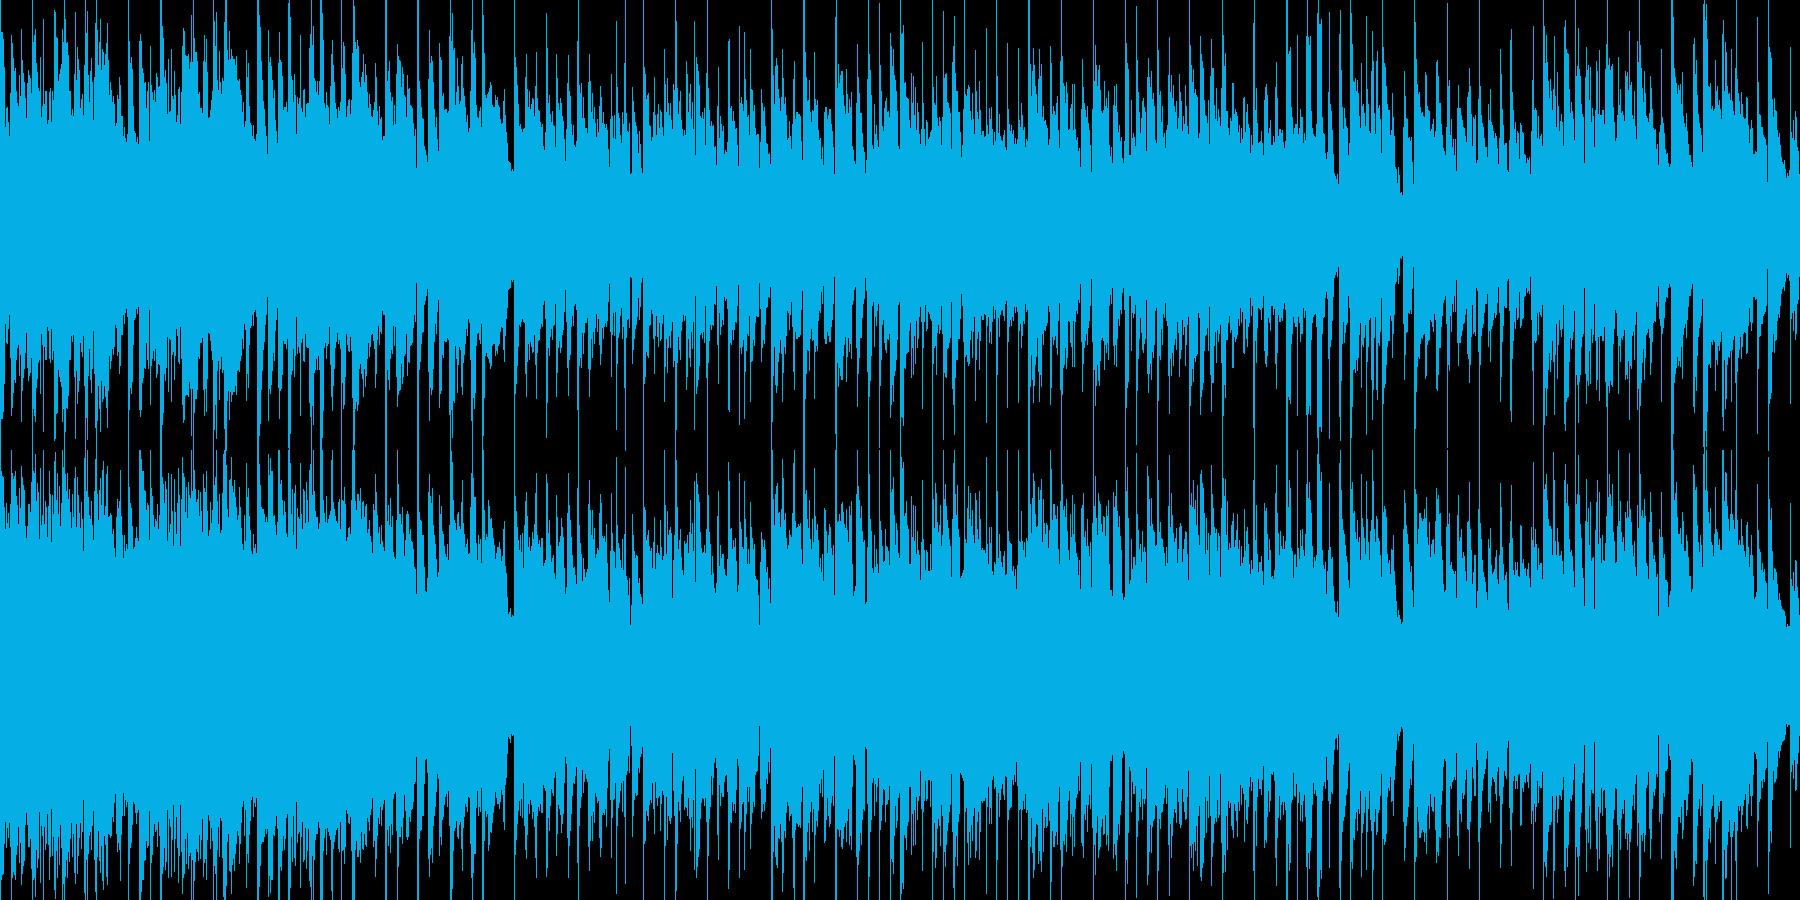 アコースティックギターの穏やかなワルツの再生済みの波形